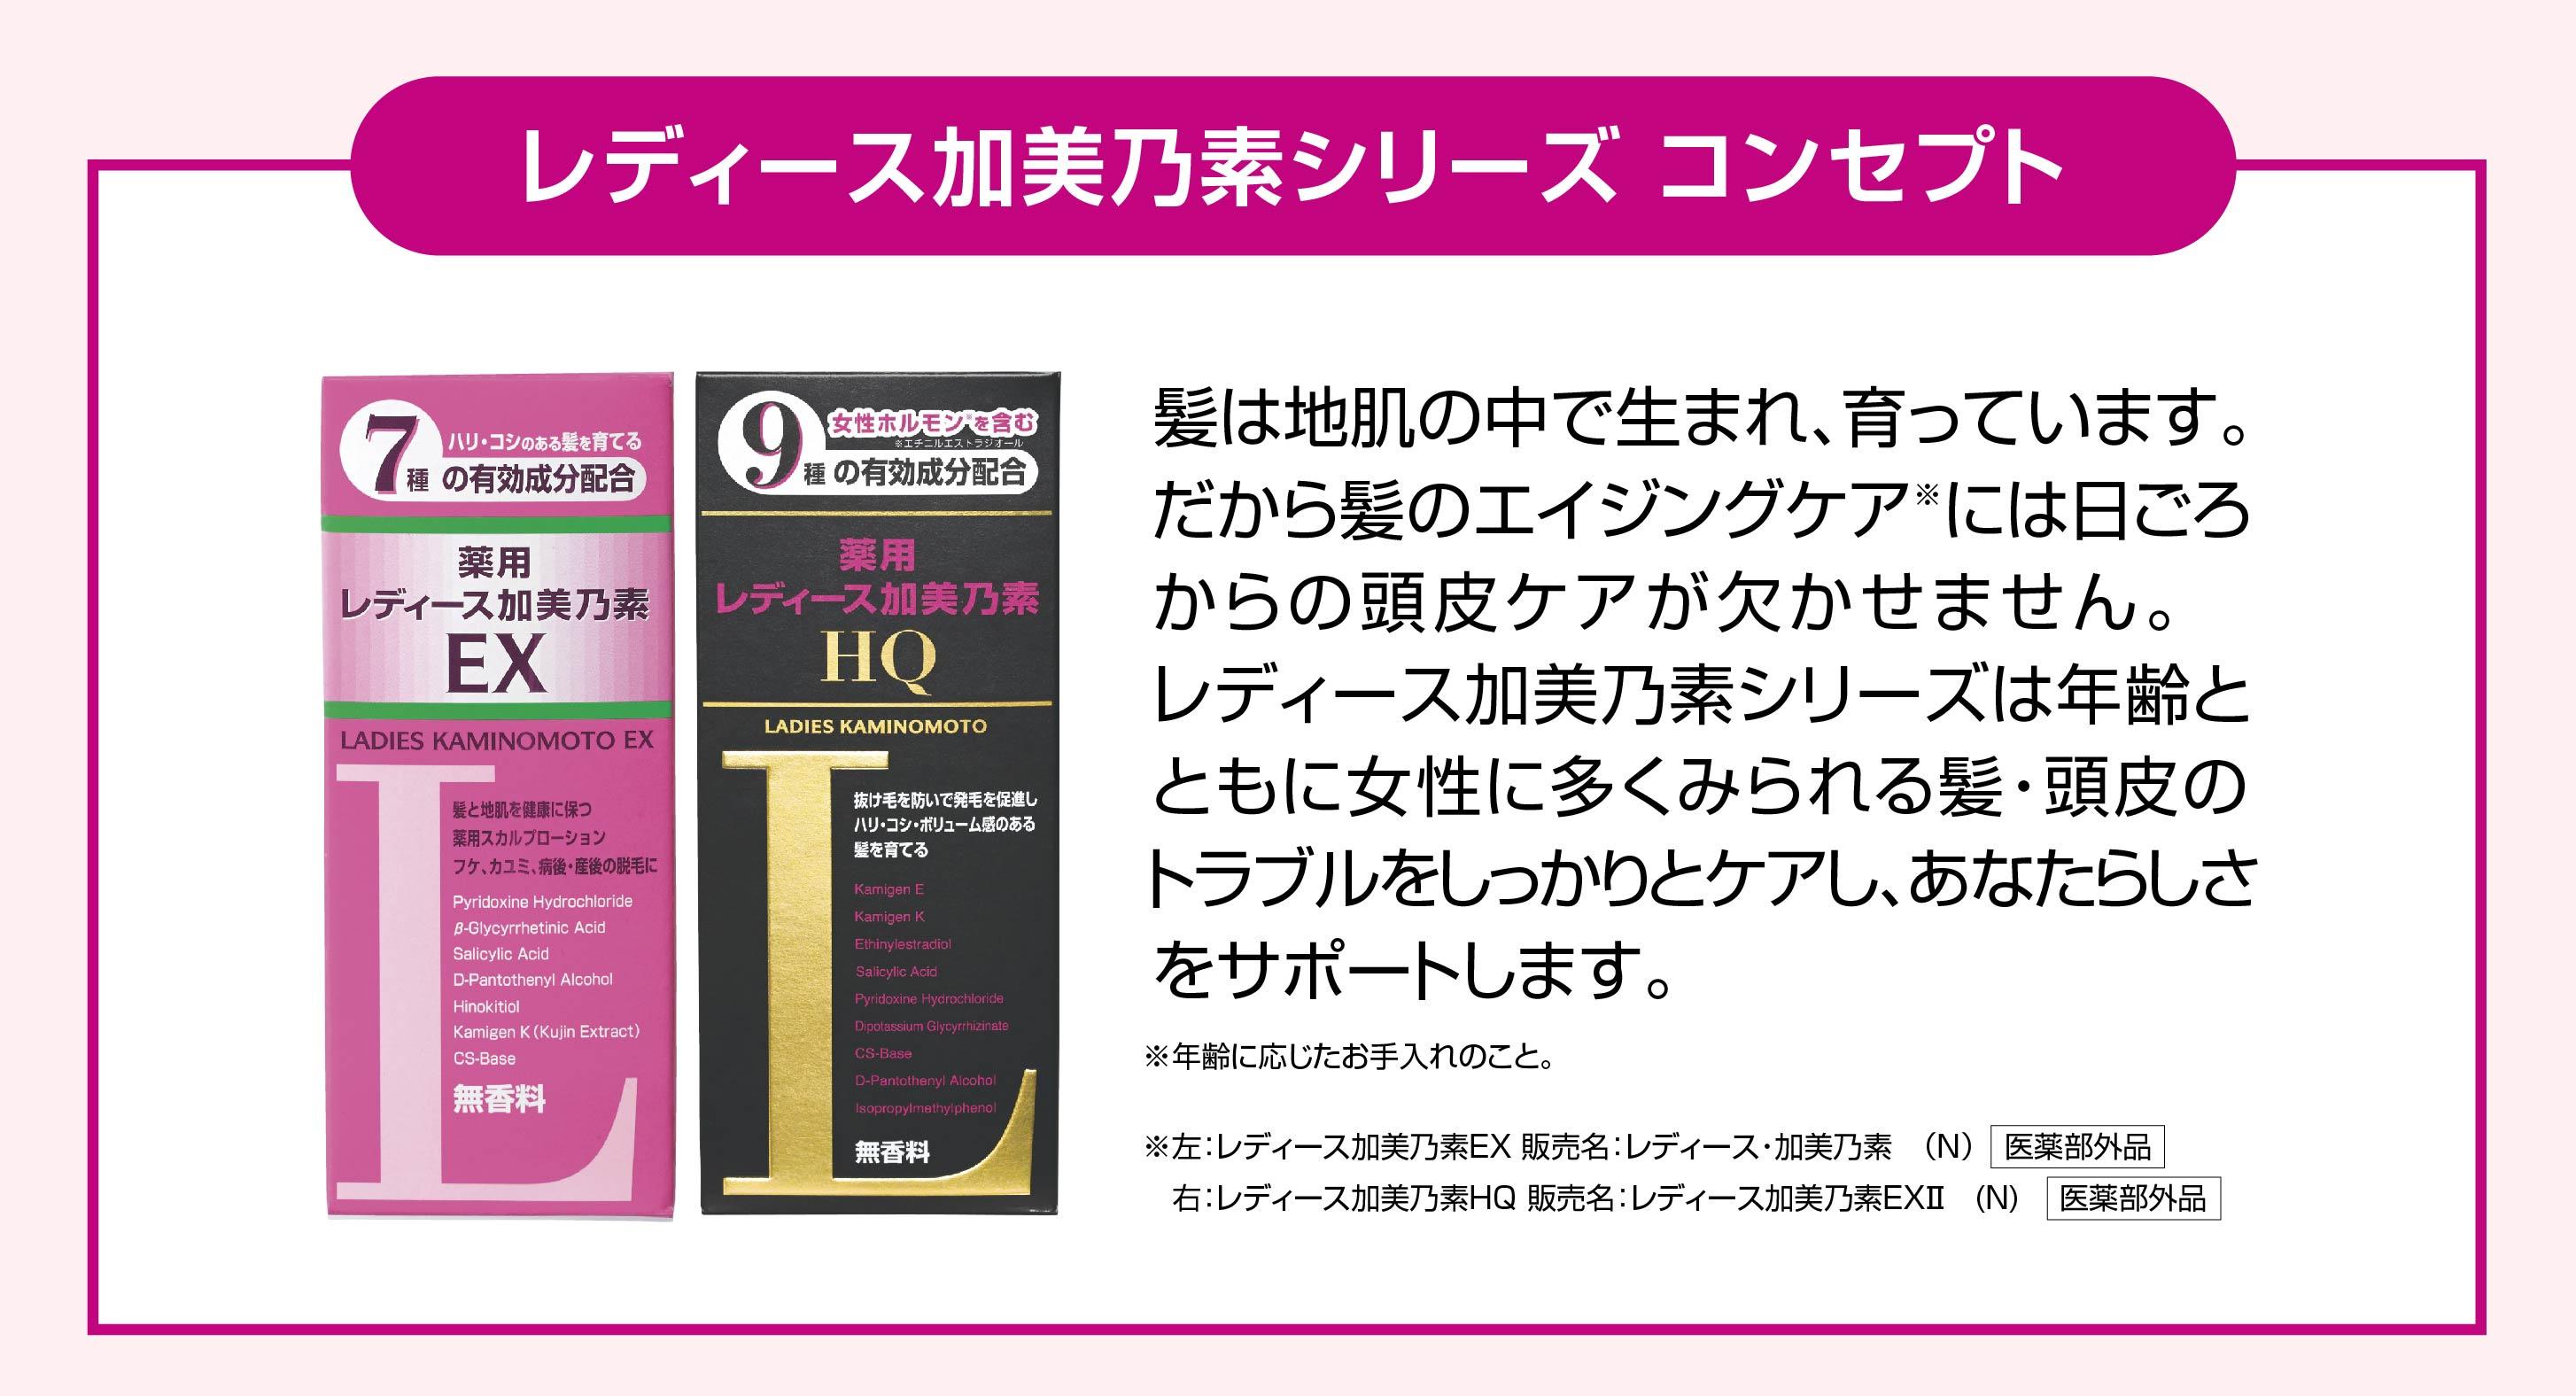 レディース加美乃素シャンプー&トリートメント 製品一覧 株式会社 ...